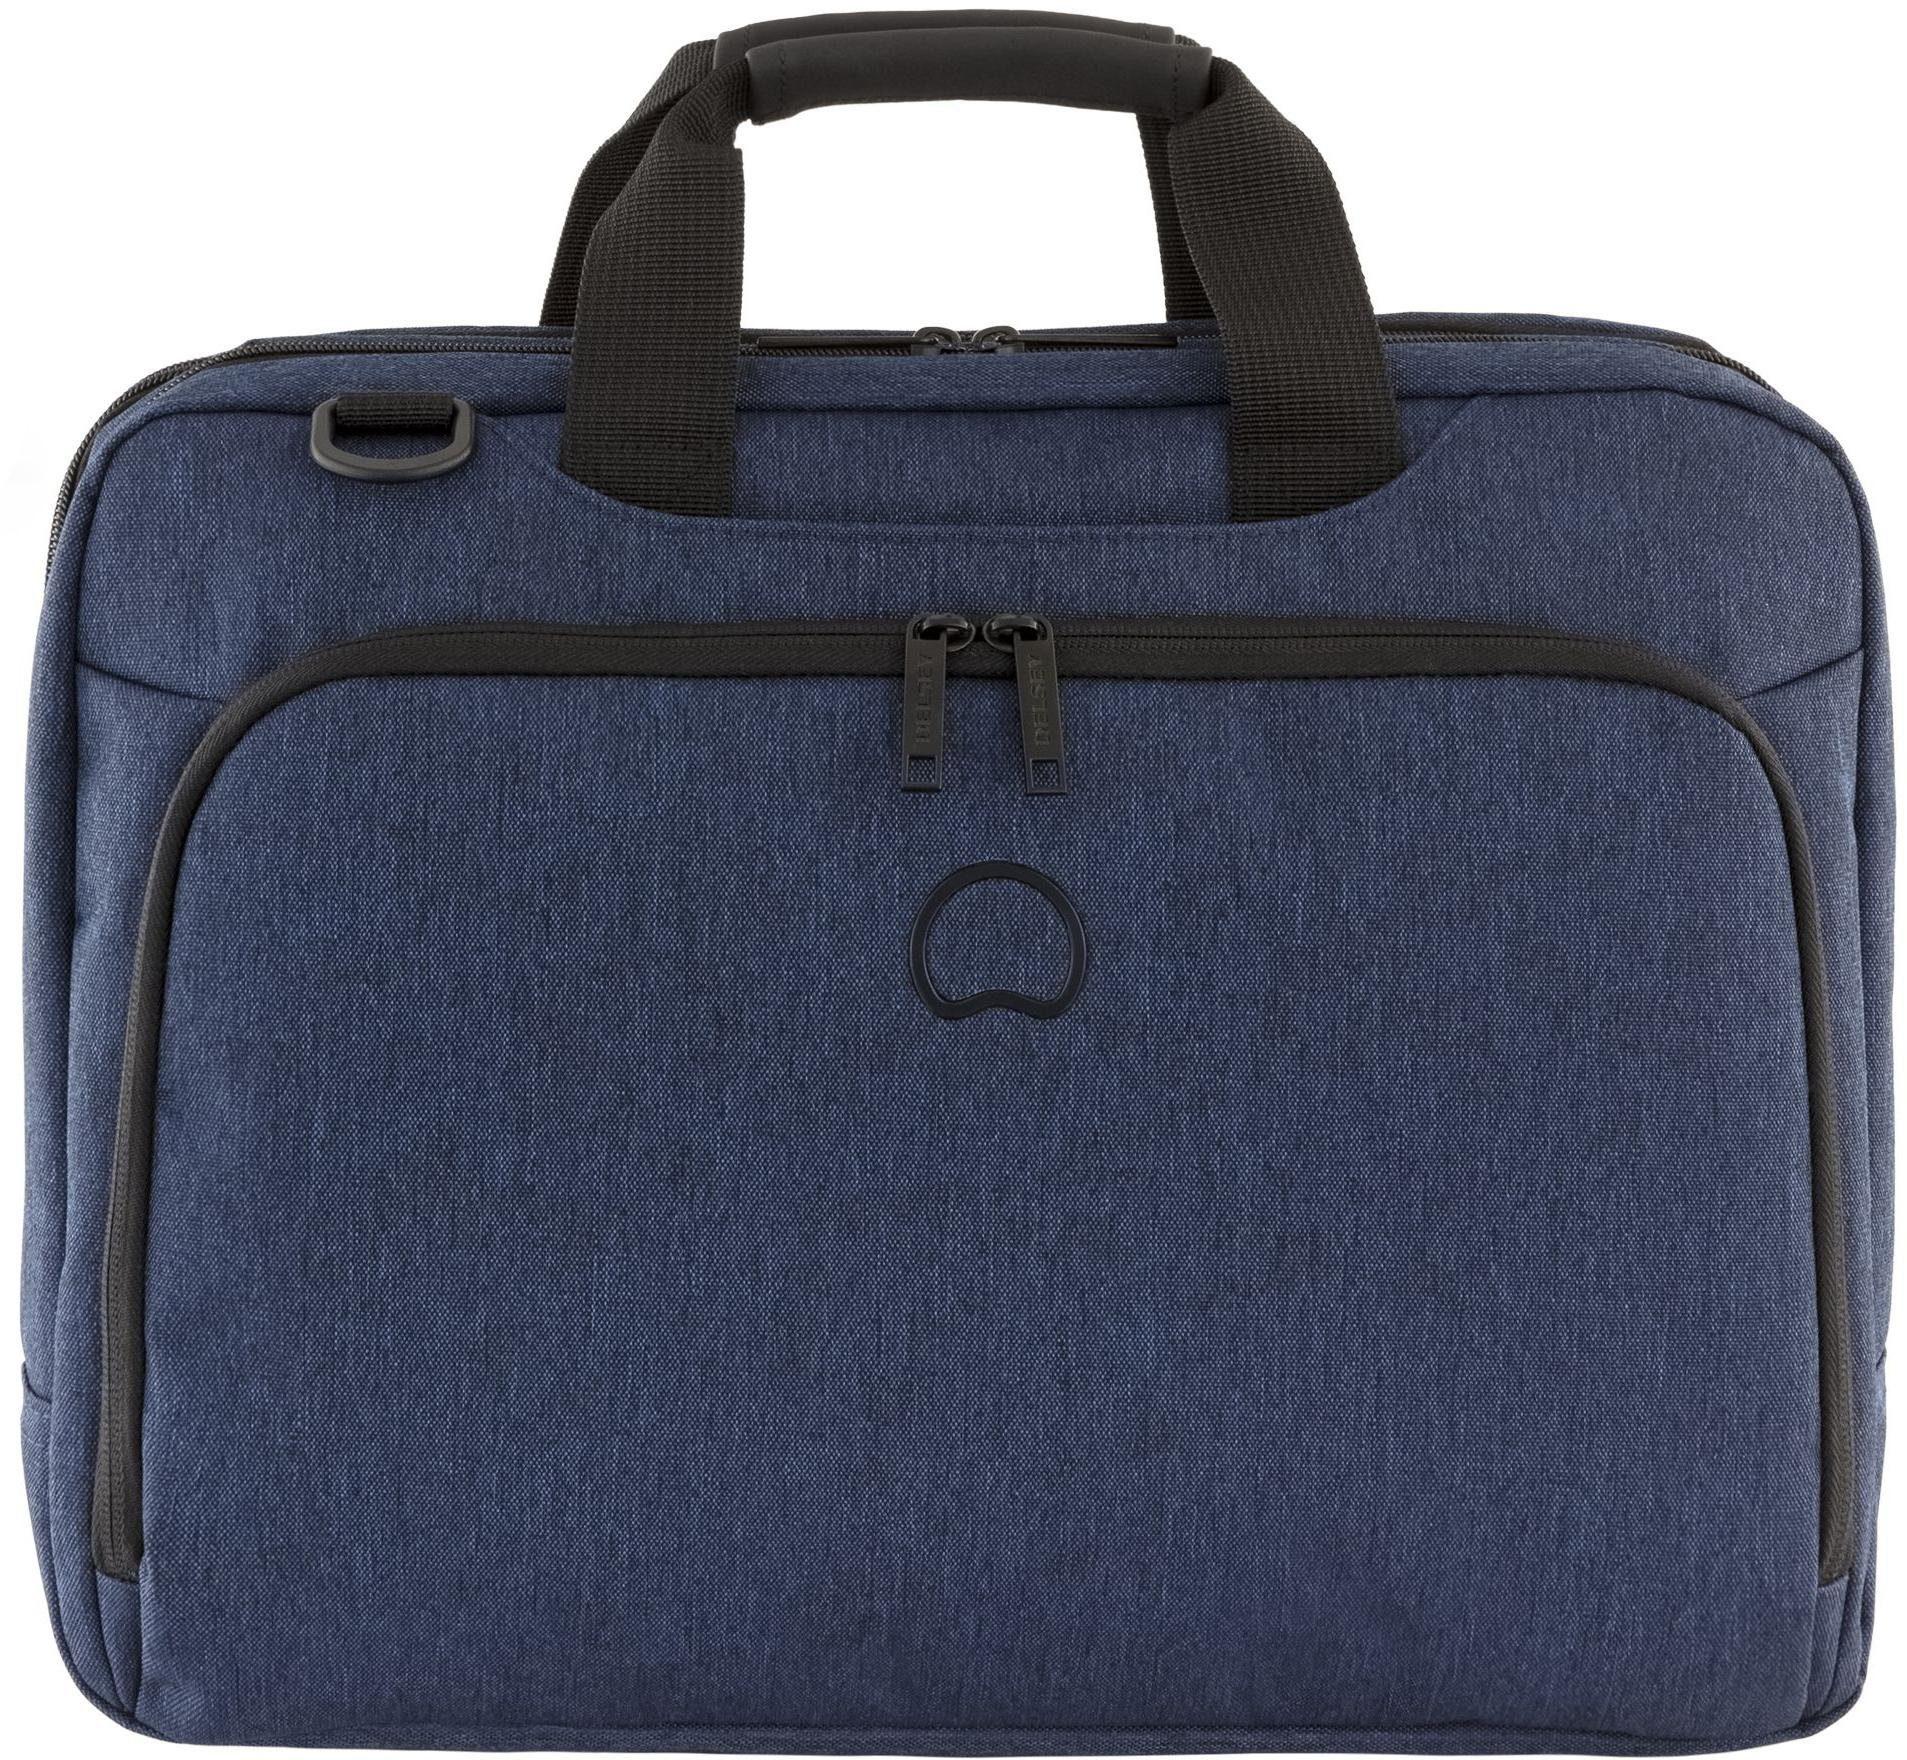 DELSEY Aktentasche mit 15,6-Zoll Laptopfach, »Esplanade, 2 Fächer, navy«